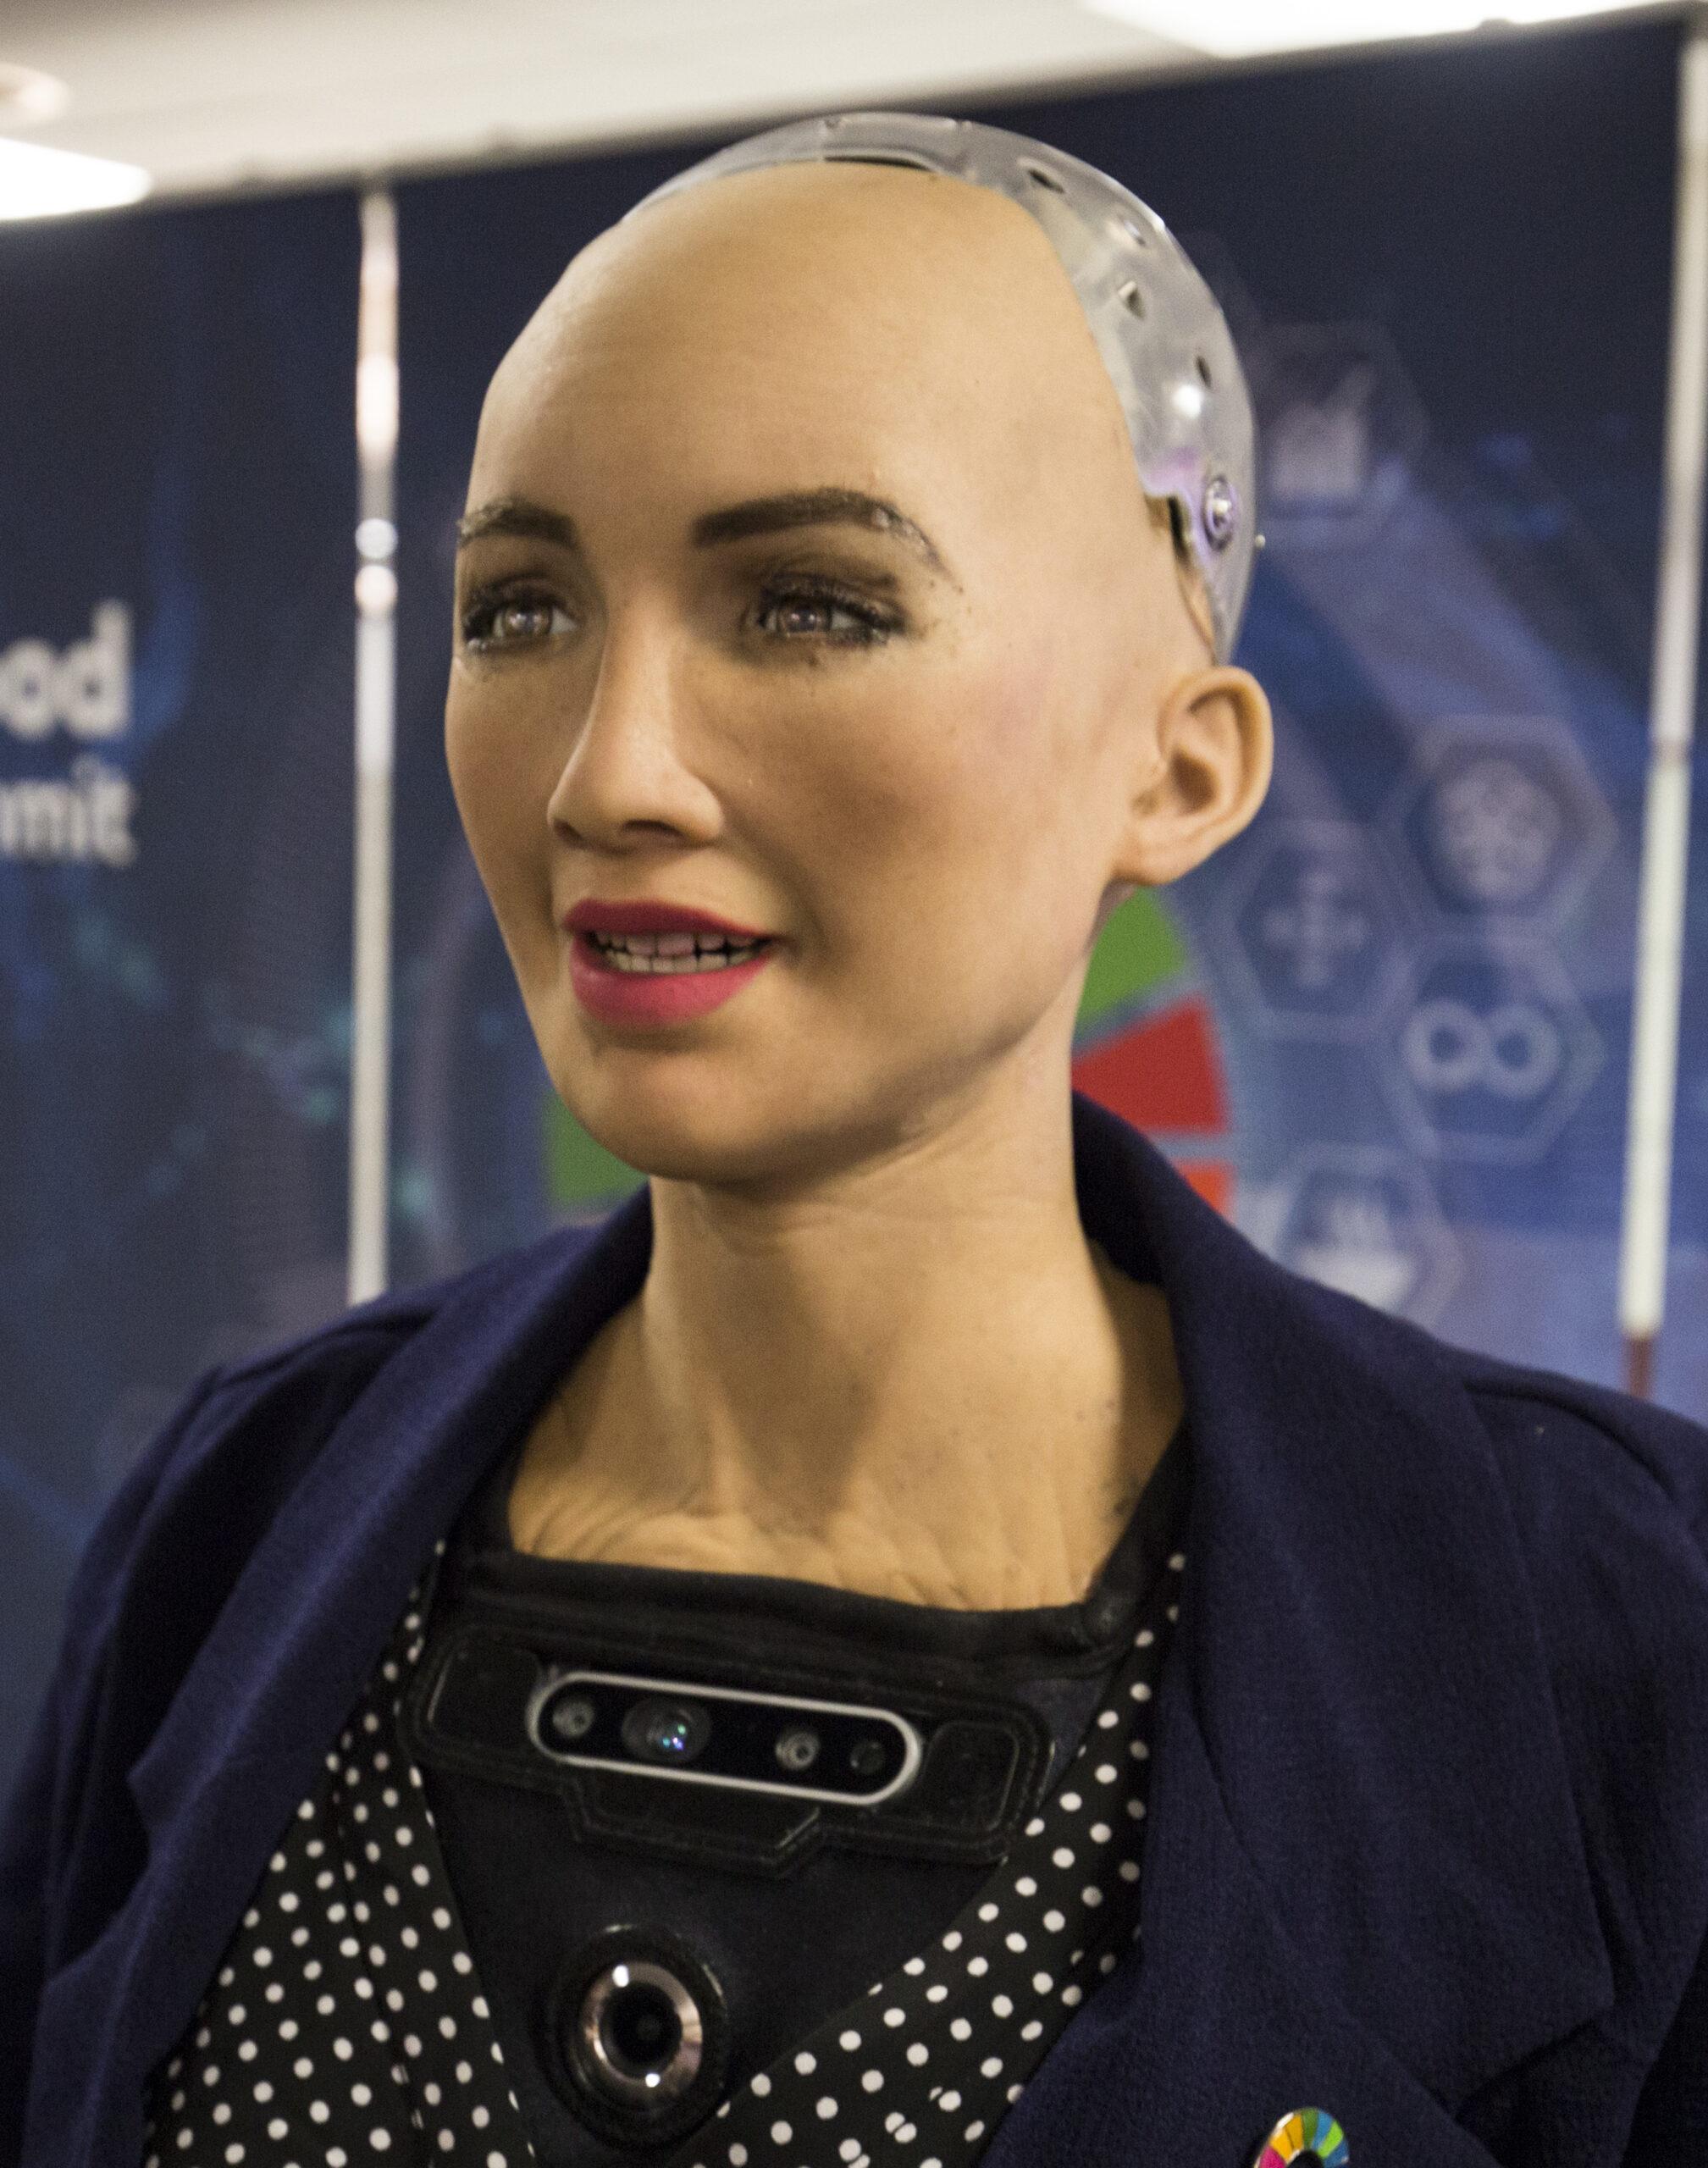 صناع الروبوت صوفيا ينتجونه بكميات كبيرة